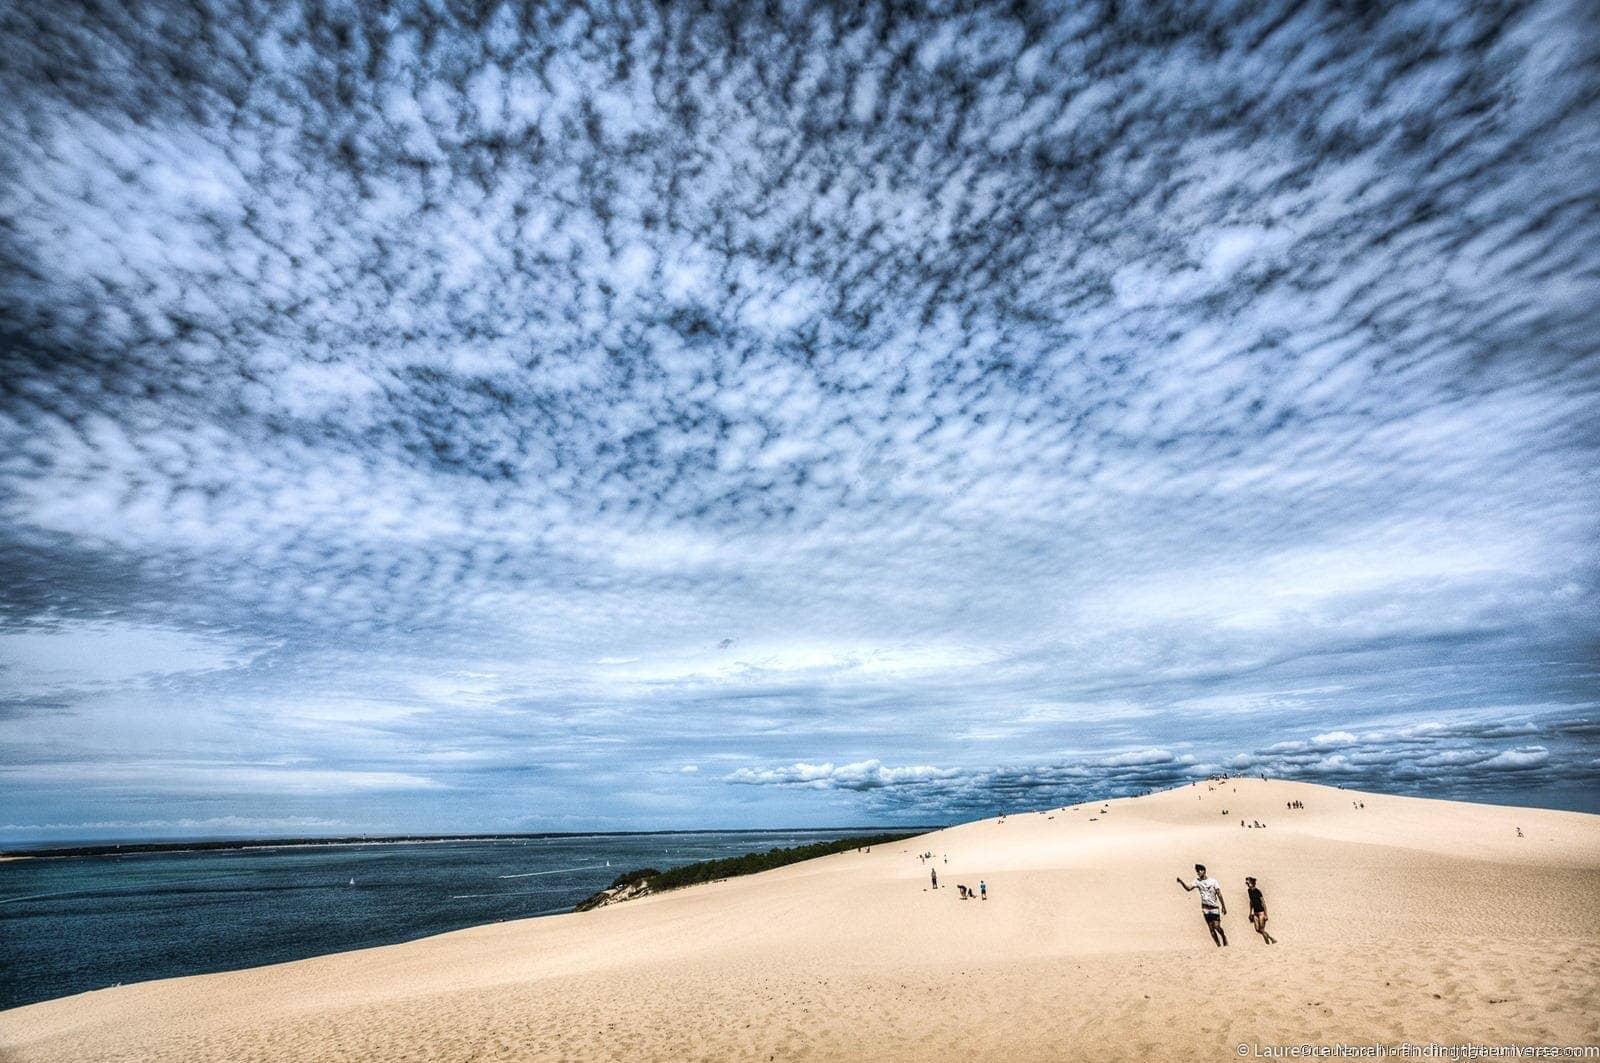 Dune de Pilat france scaled